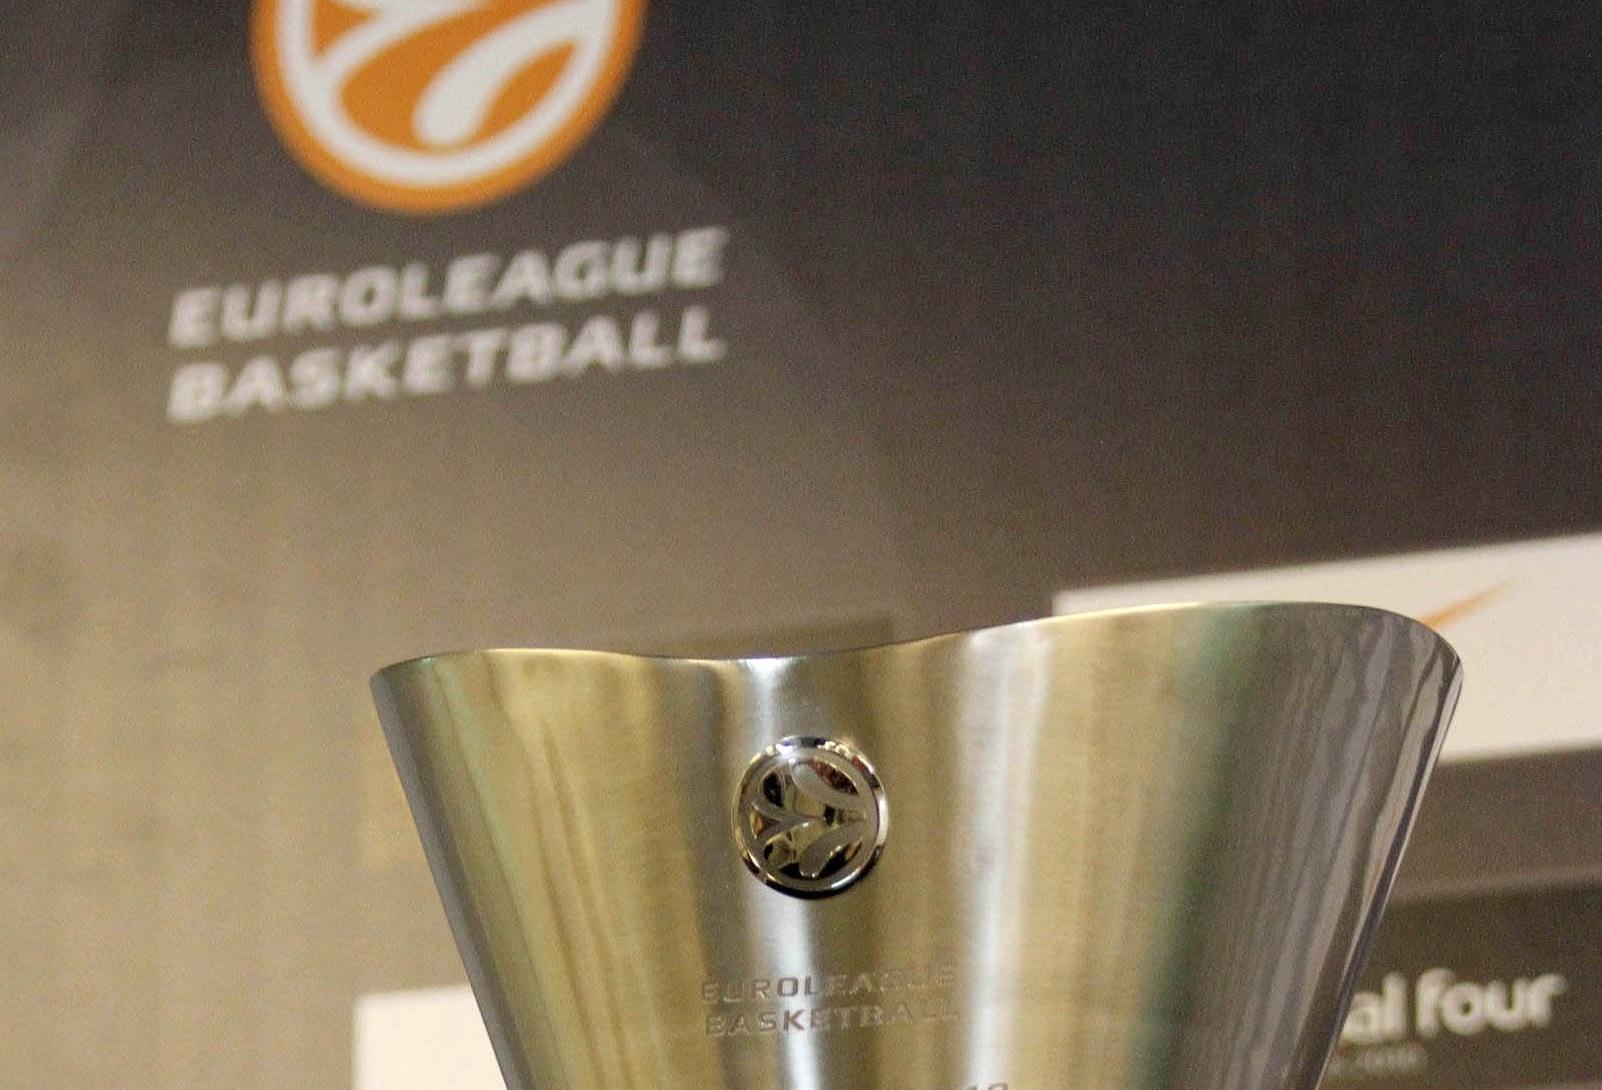 Βαθμολογία Euroleague: Ο Ολυμπιακός απομακρύνεται από την οκτάδα